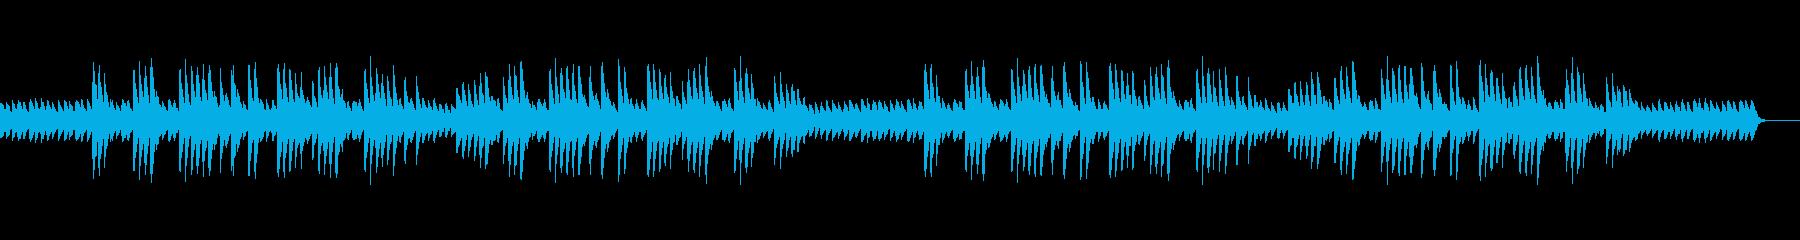 安らぎと癒しのエスニックなピアノ曲の再生済みの波形